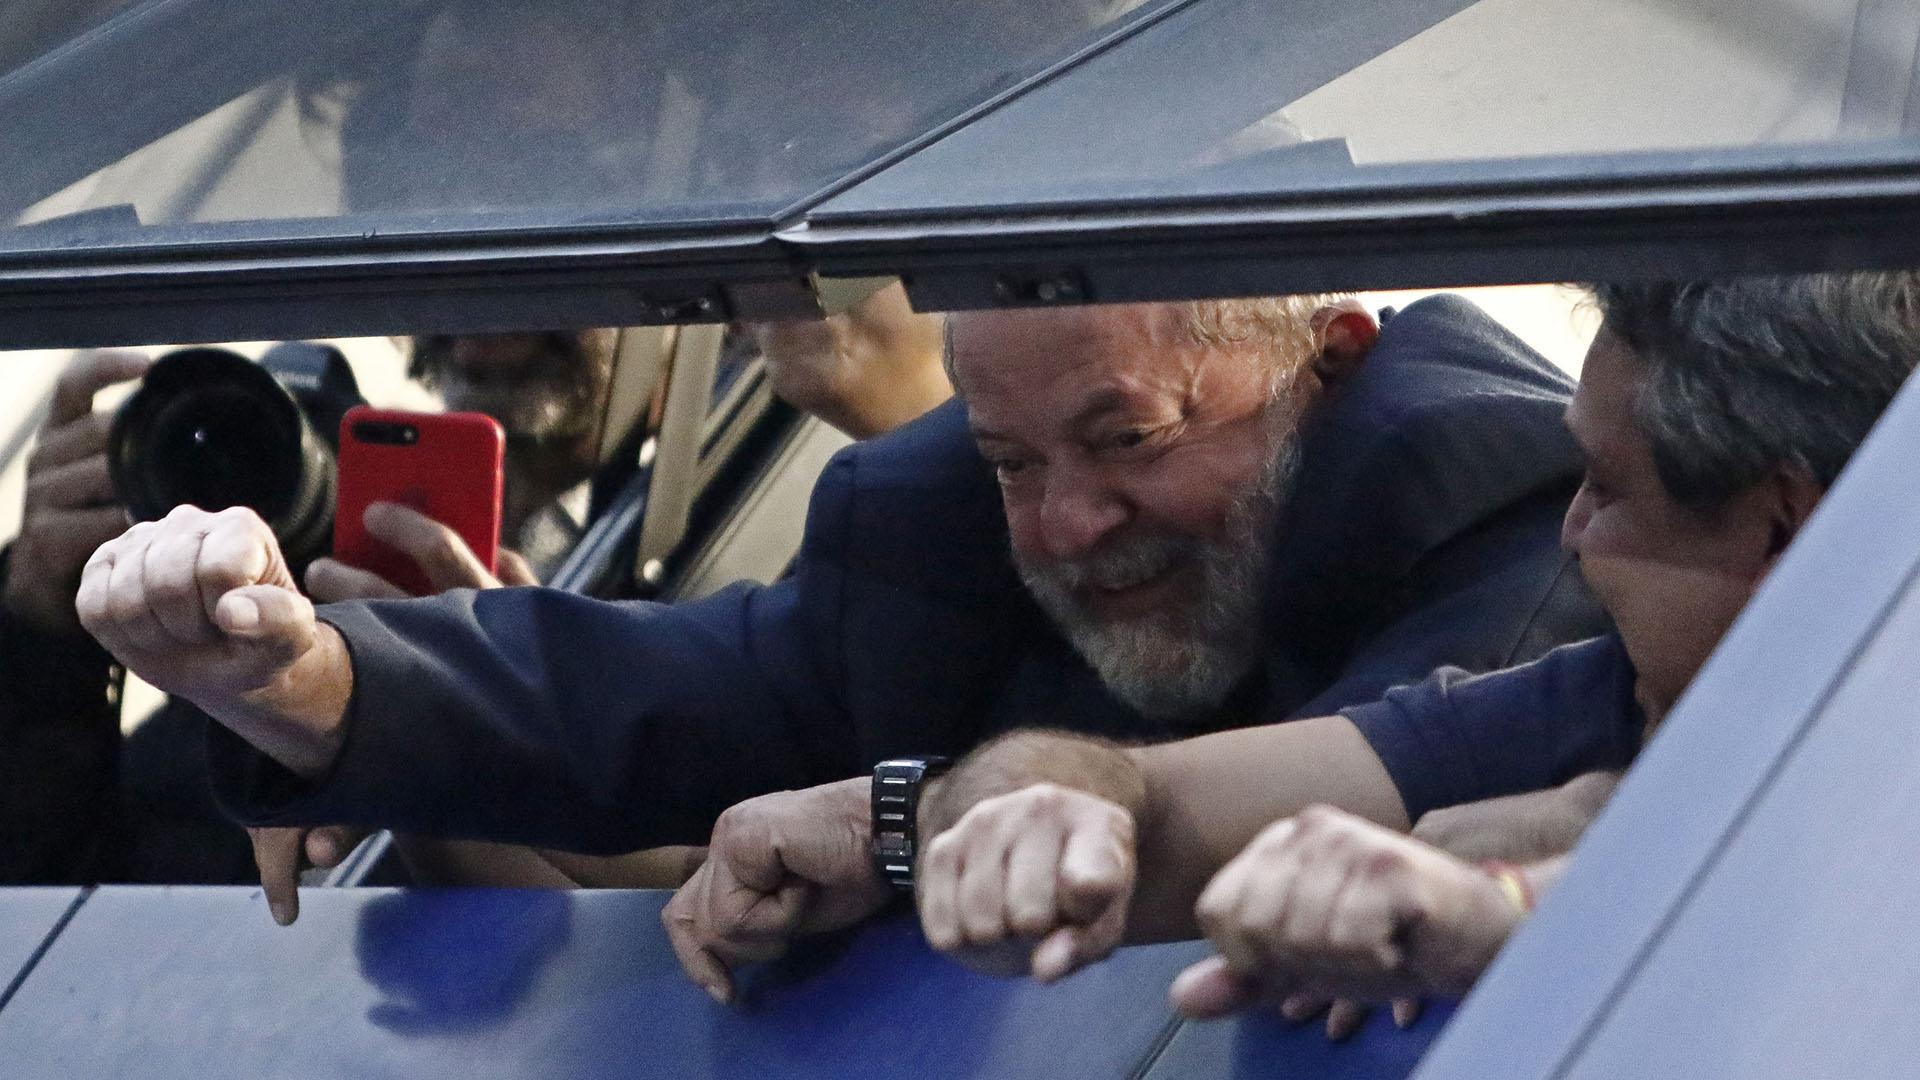 6 de abril.Lulapasómás de 48 horas refugiado en la sede del sindicato que presidió durante la década de 1970 mientras sus abogados negociaban con la policía las condiciones de su entrega(AFP)